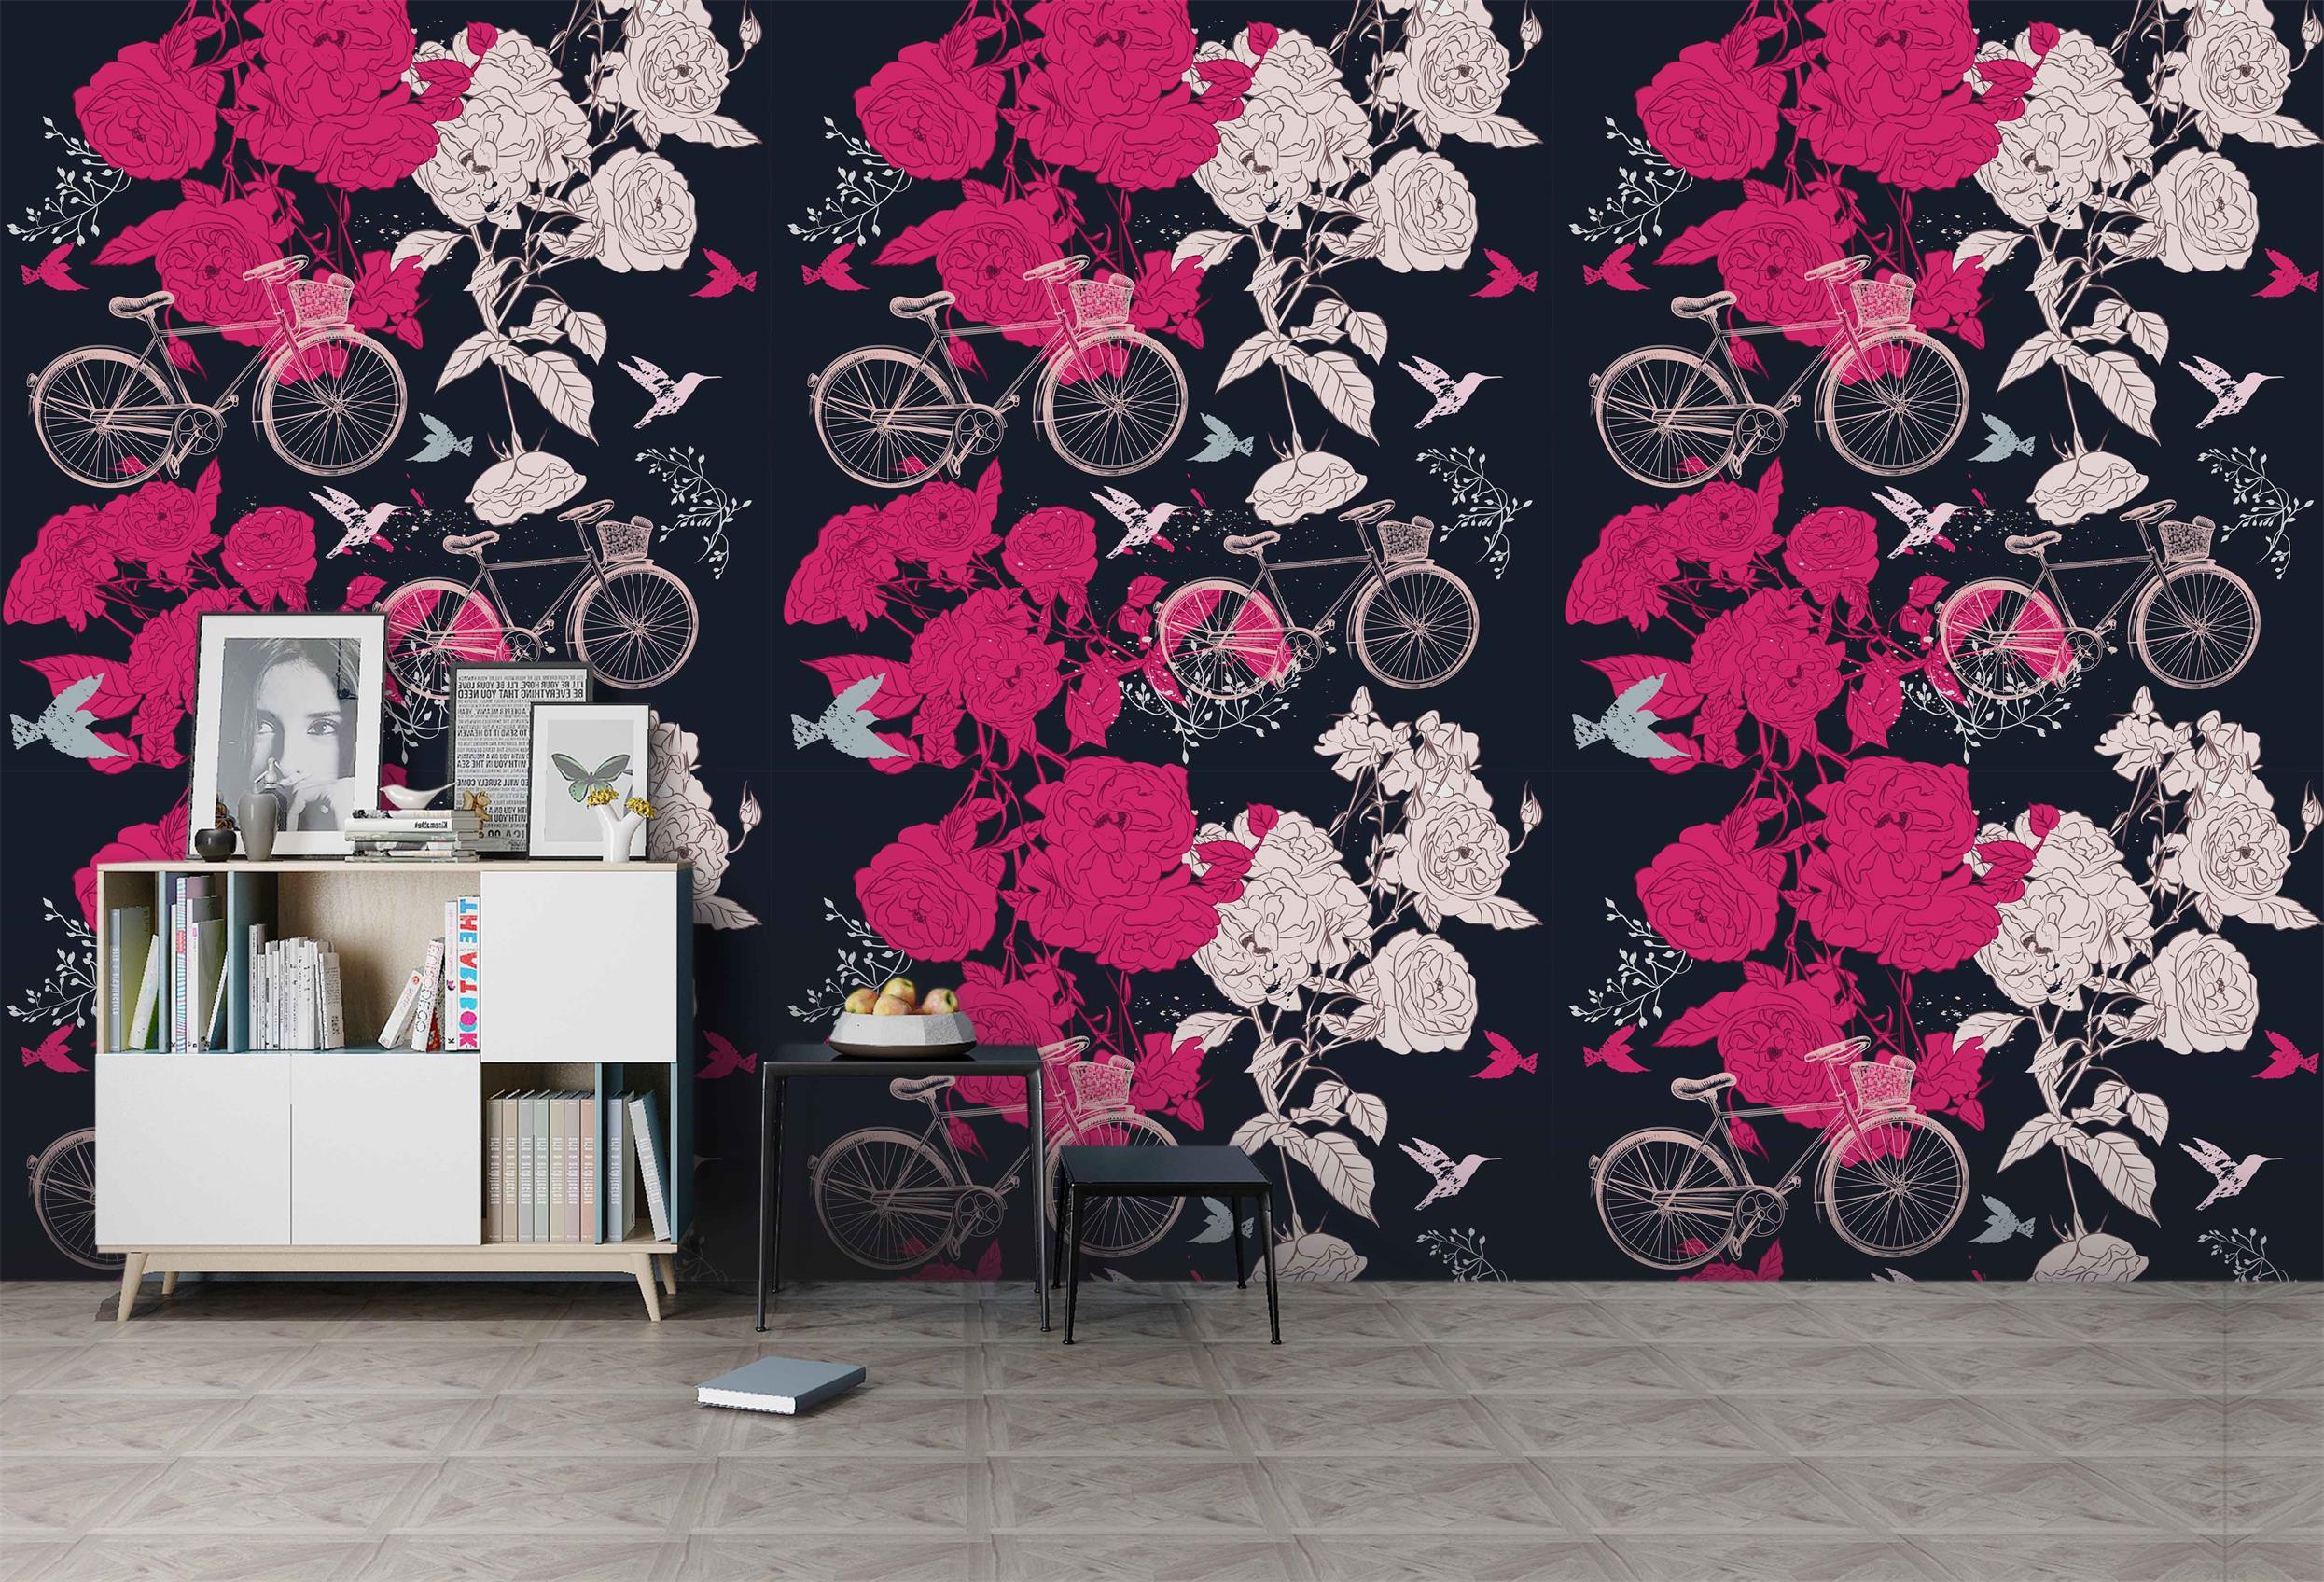 3D Pink Flower Bike Wall Mural Wallpaper A076 LQH